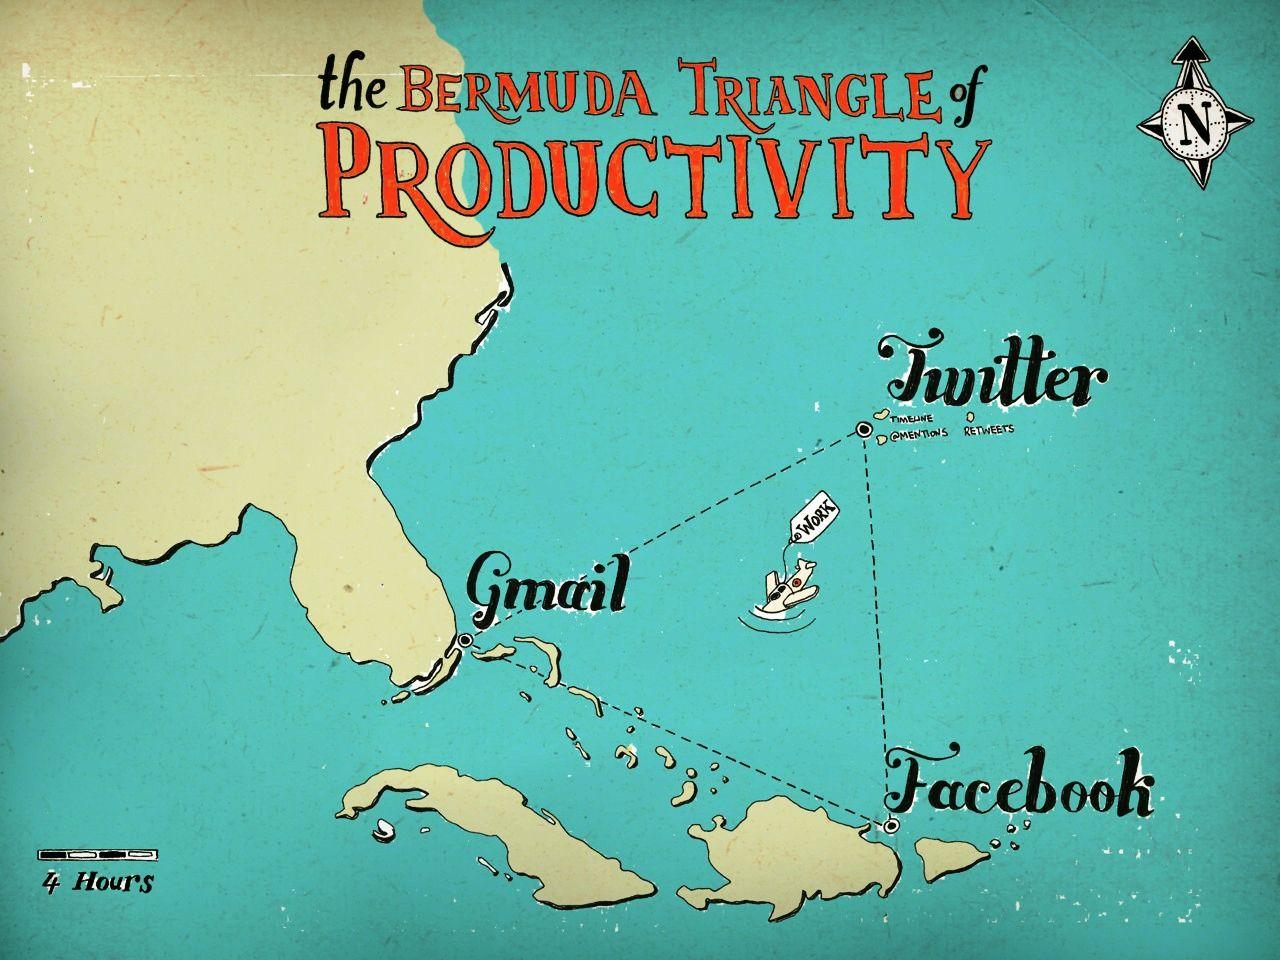 bermuda triangle of productivity - Google Search